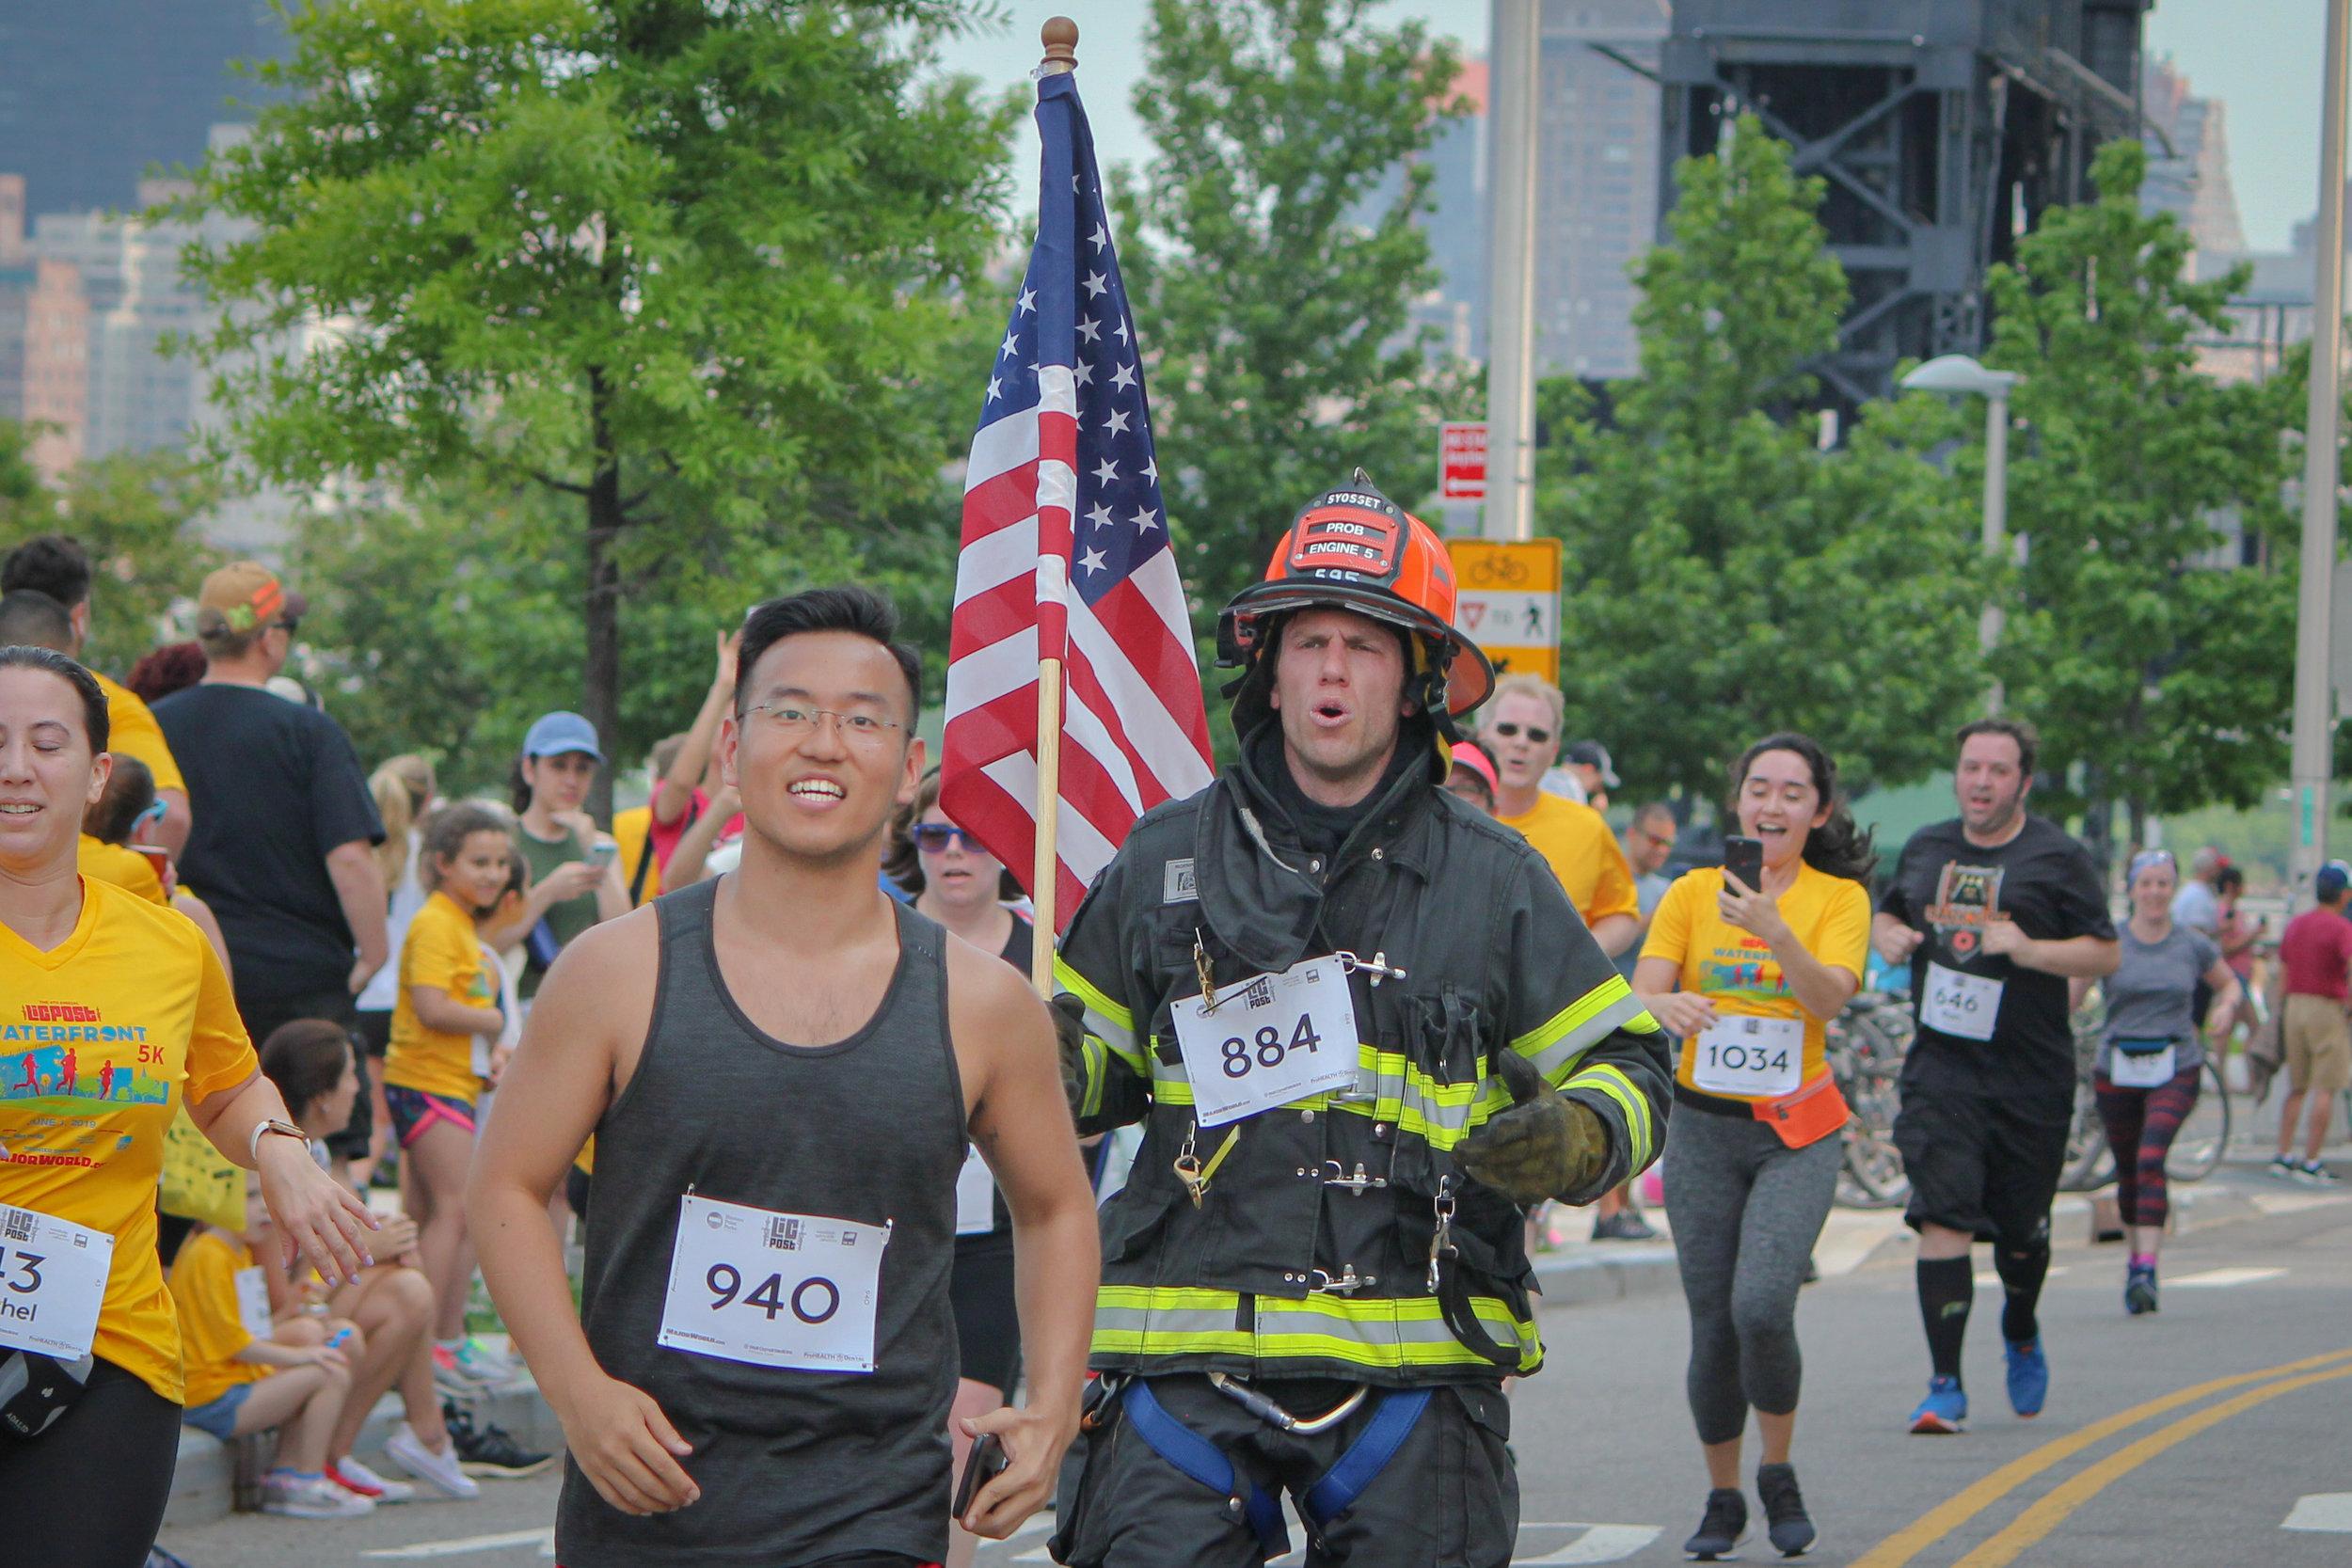 FDNY firefighter running in full uniform.